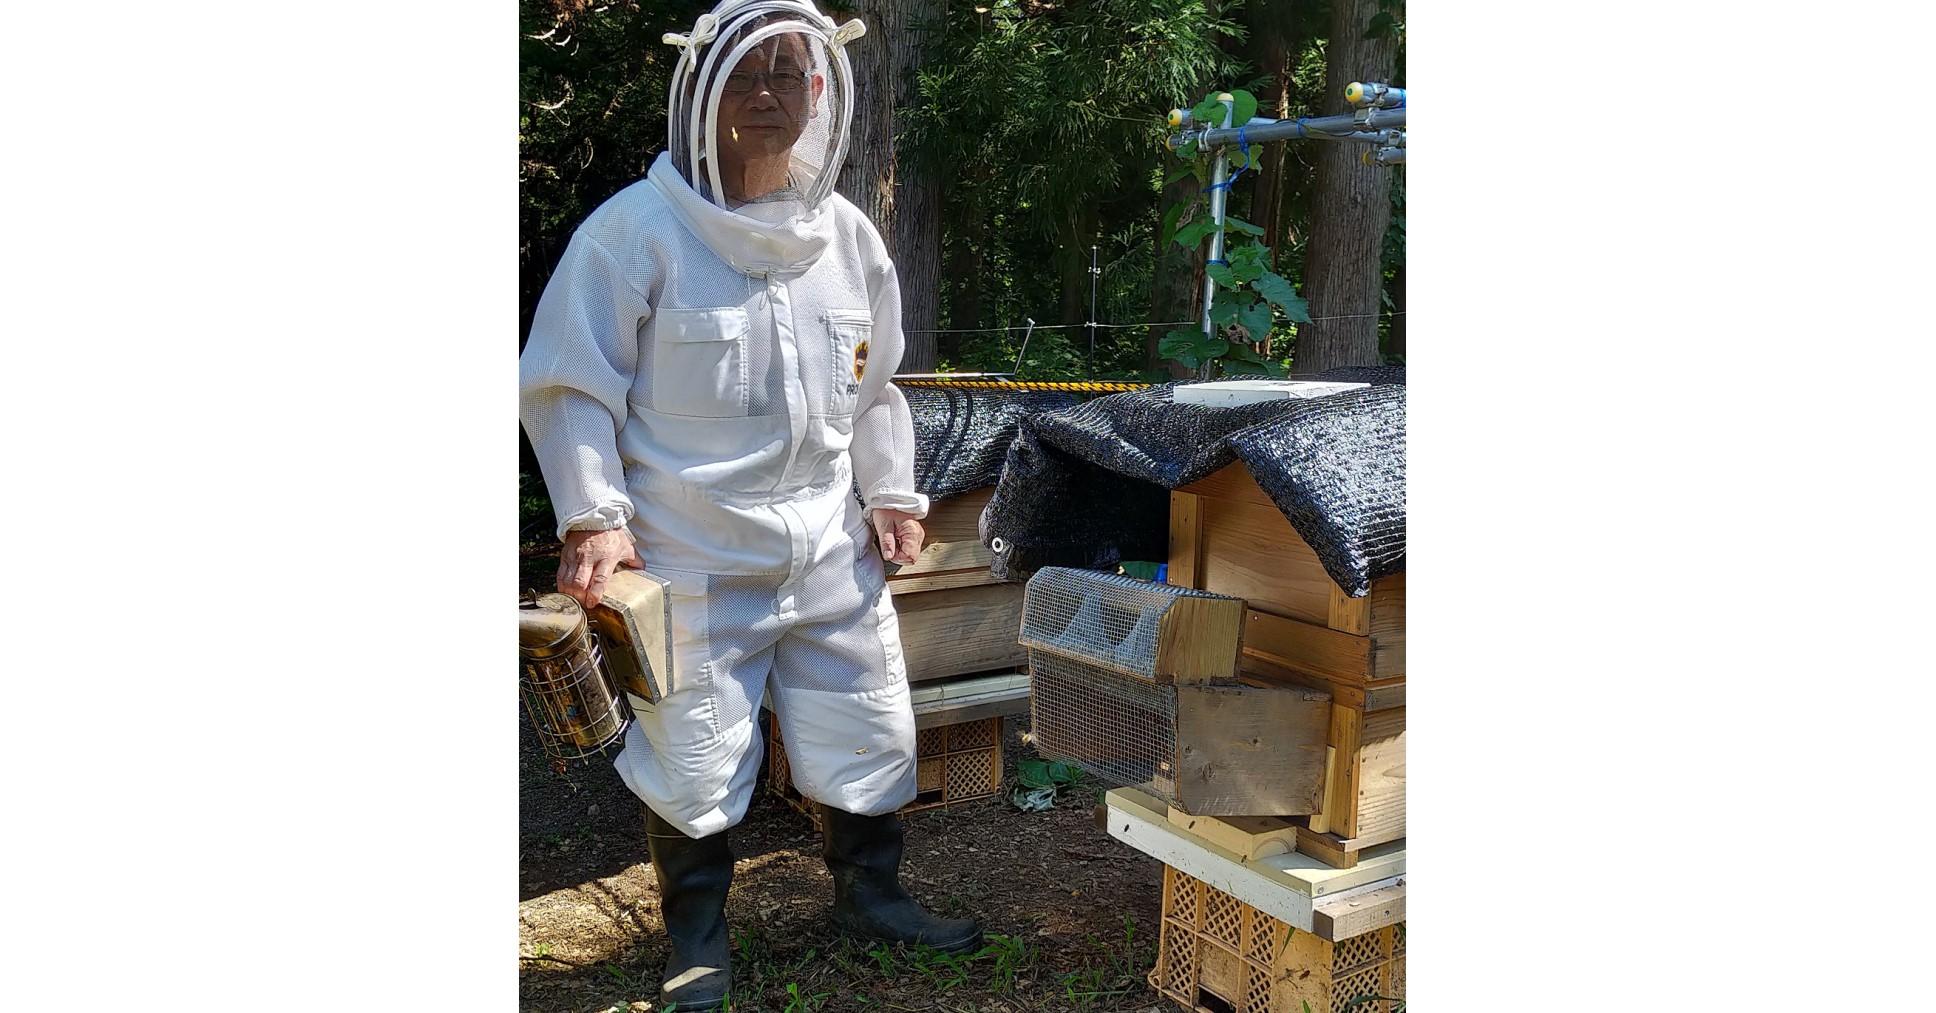 念願だった養蜂家に。養蜂はとても興味深く楽しくそして難しい。